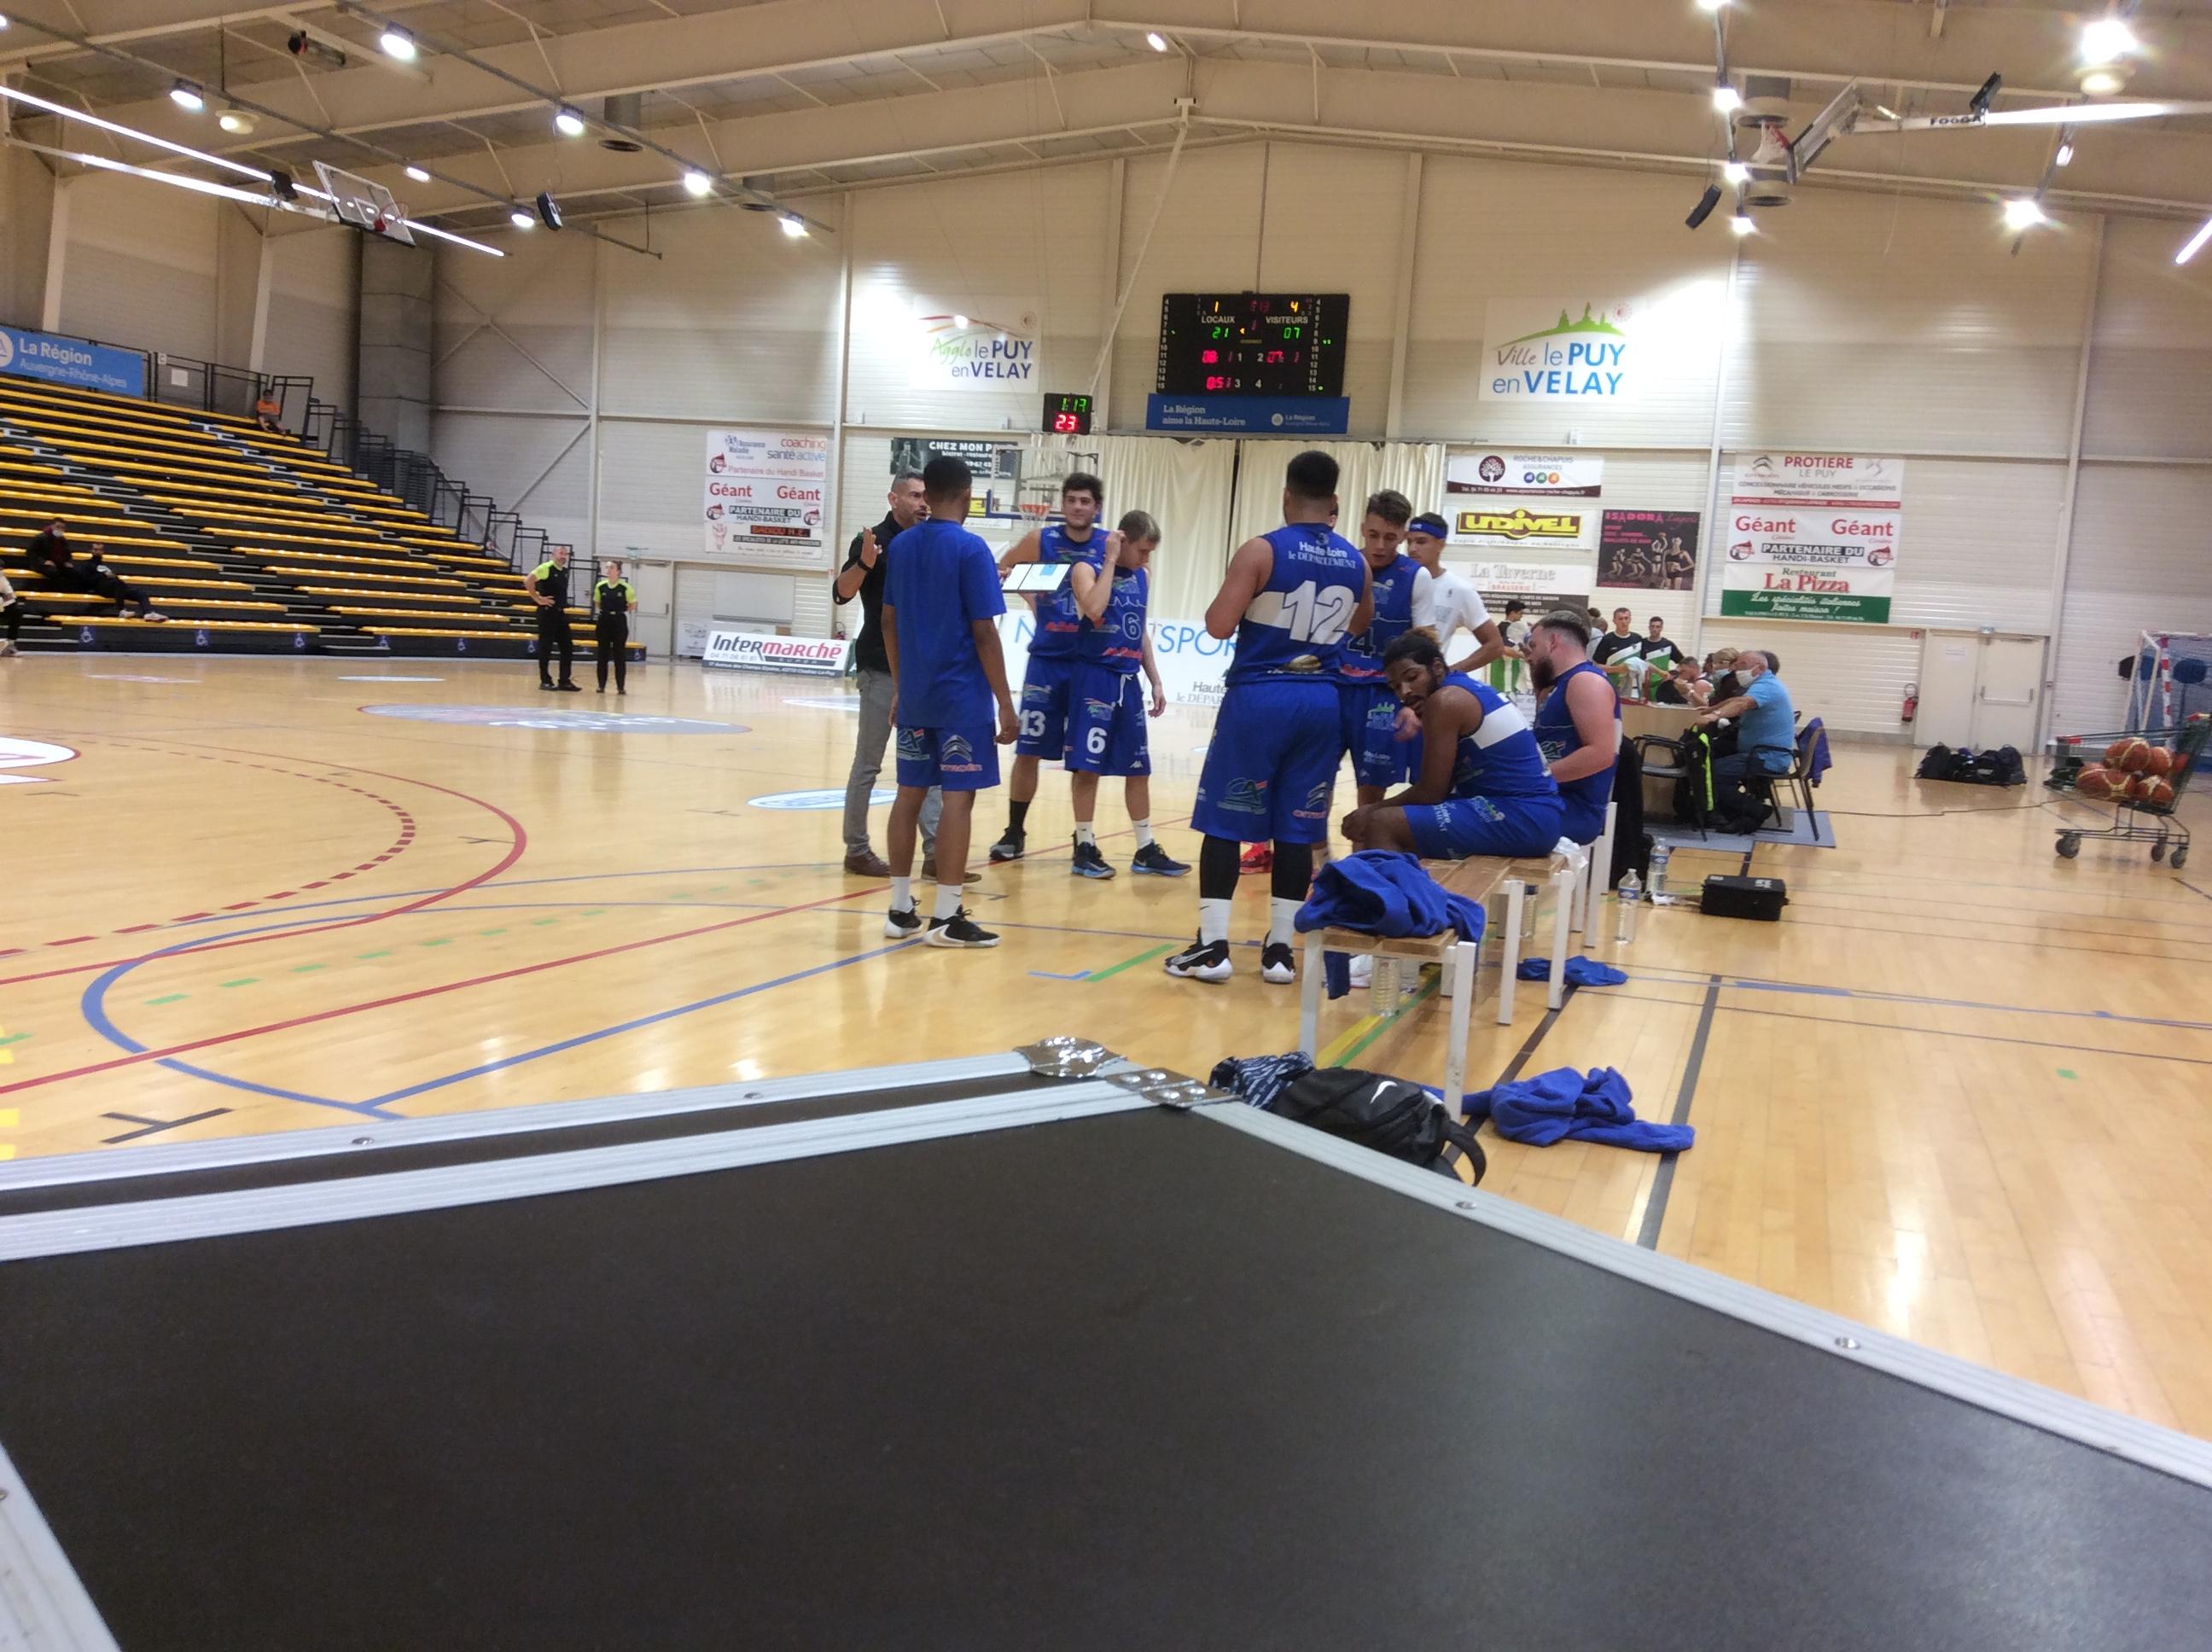 basket regionale 2 aura garçon lagresle 60-68 asmb le puy réac après match 191020